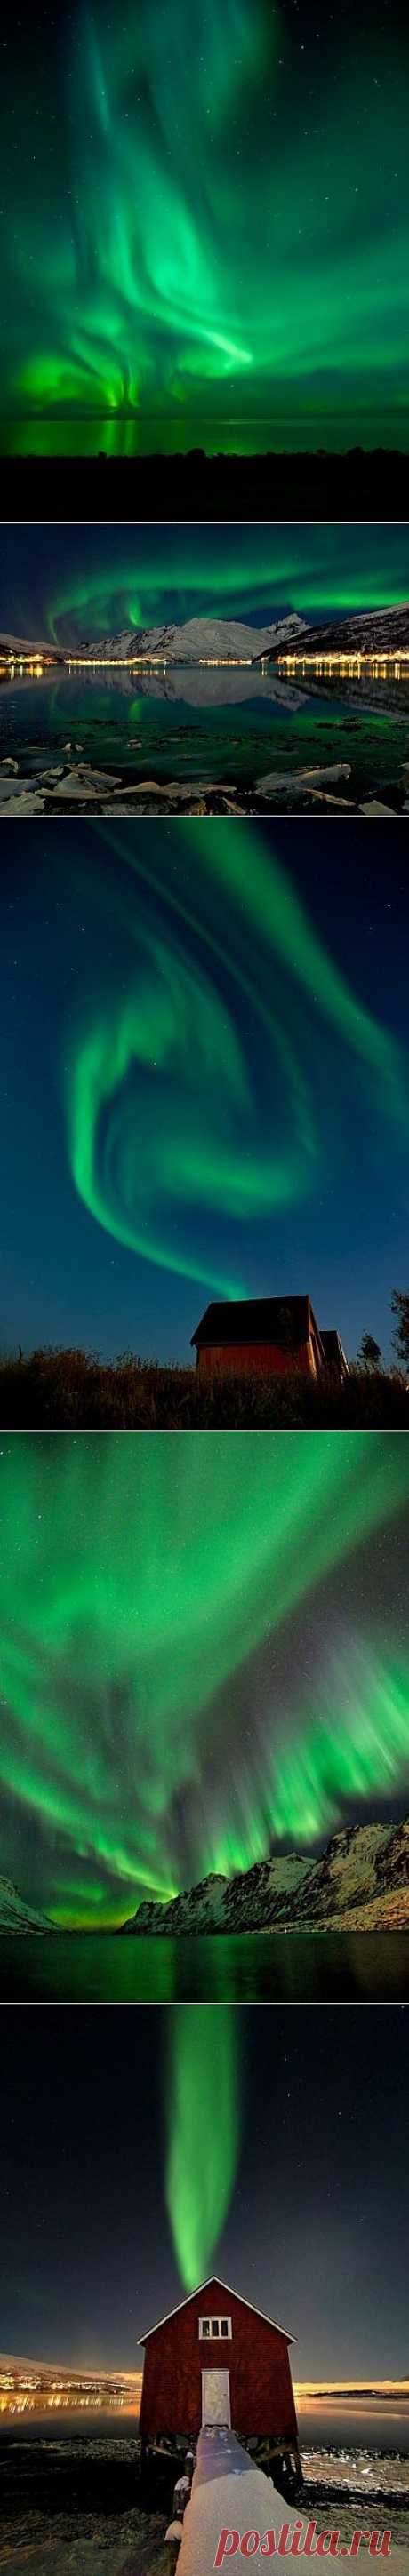 Северное сияние (Aurora Borealis) в Норвегии